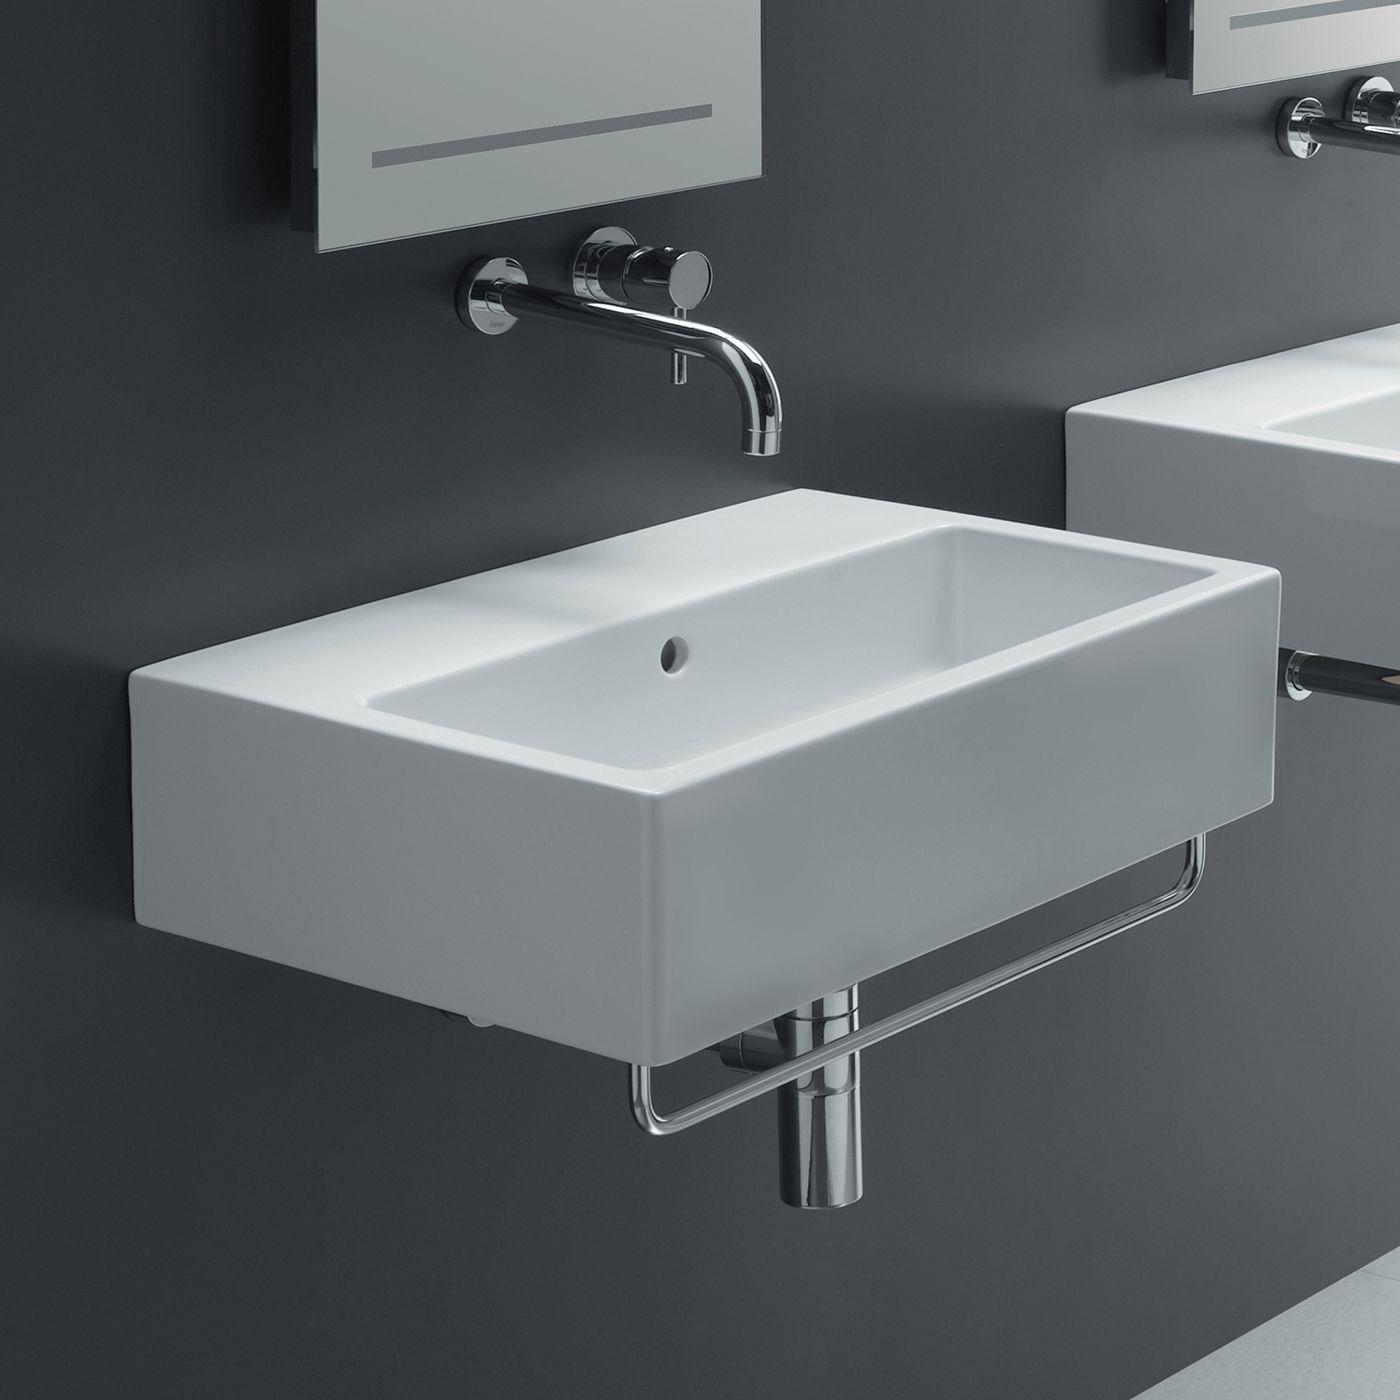 Pedestal Sink Without Faucet Holes Shapeyourminds Com